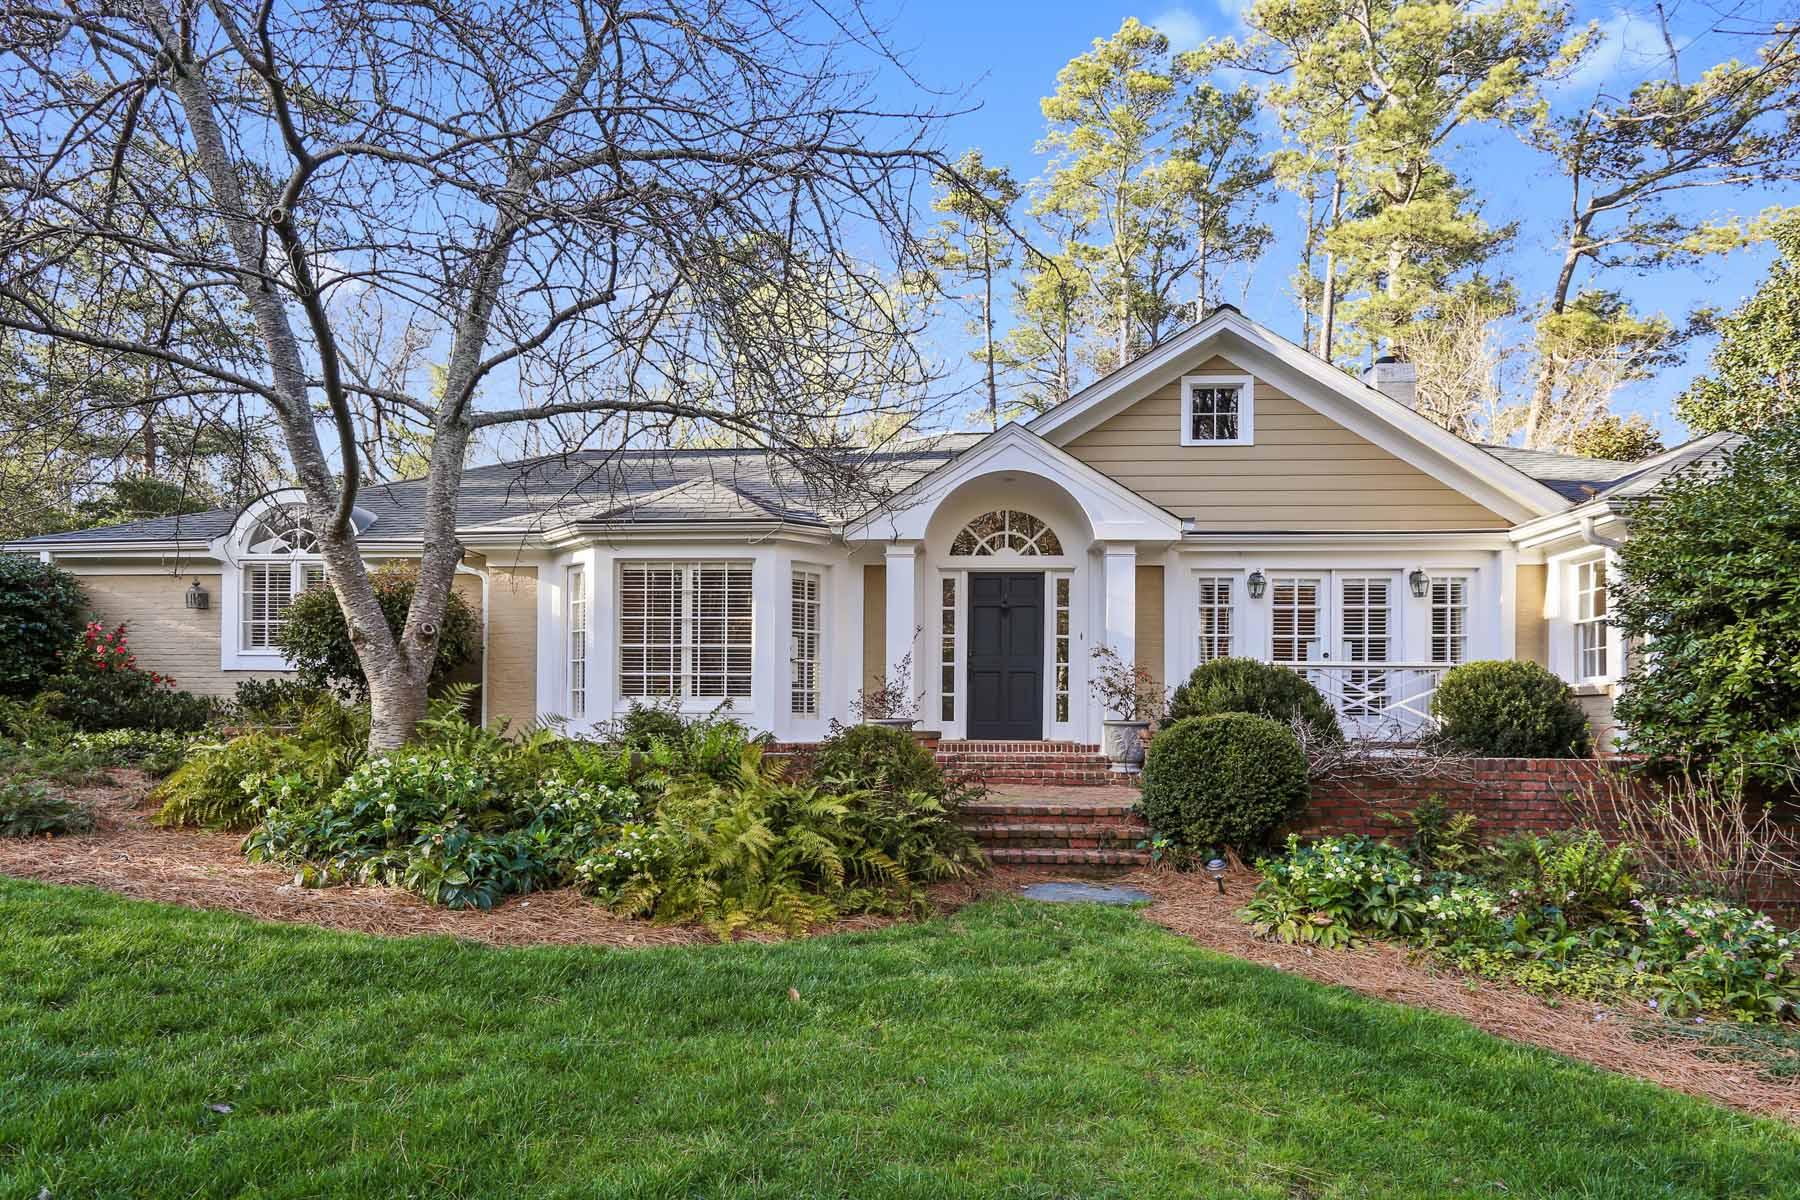 Частный односемейный дом для того Продажа на Old Buckhead Charm 3038 Nancy Creek Road Atlanta, Джорджия, 30327 Соединенные Штаты